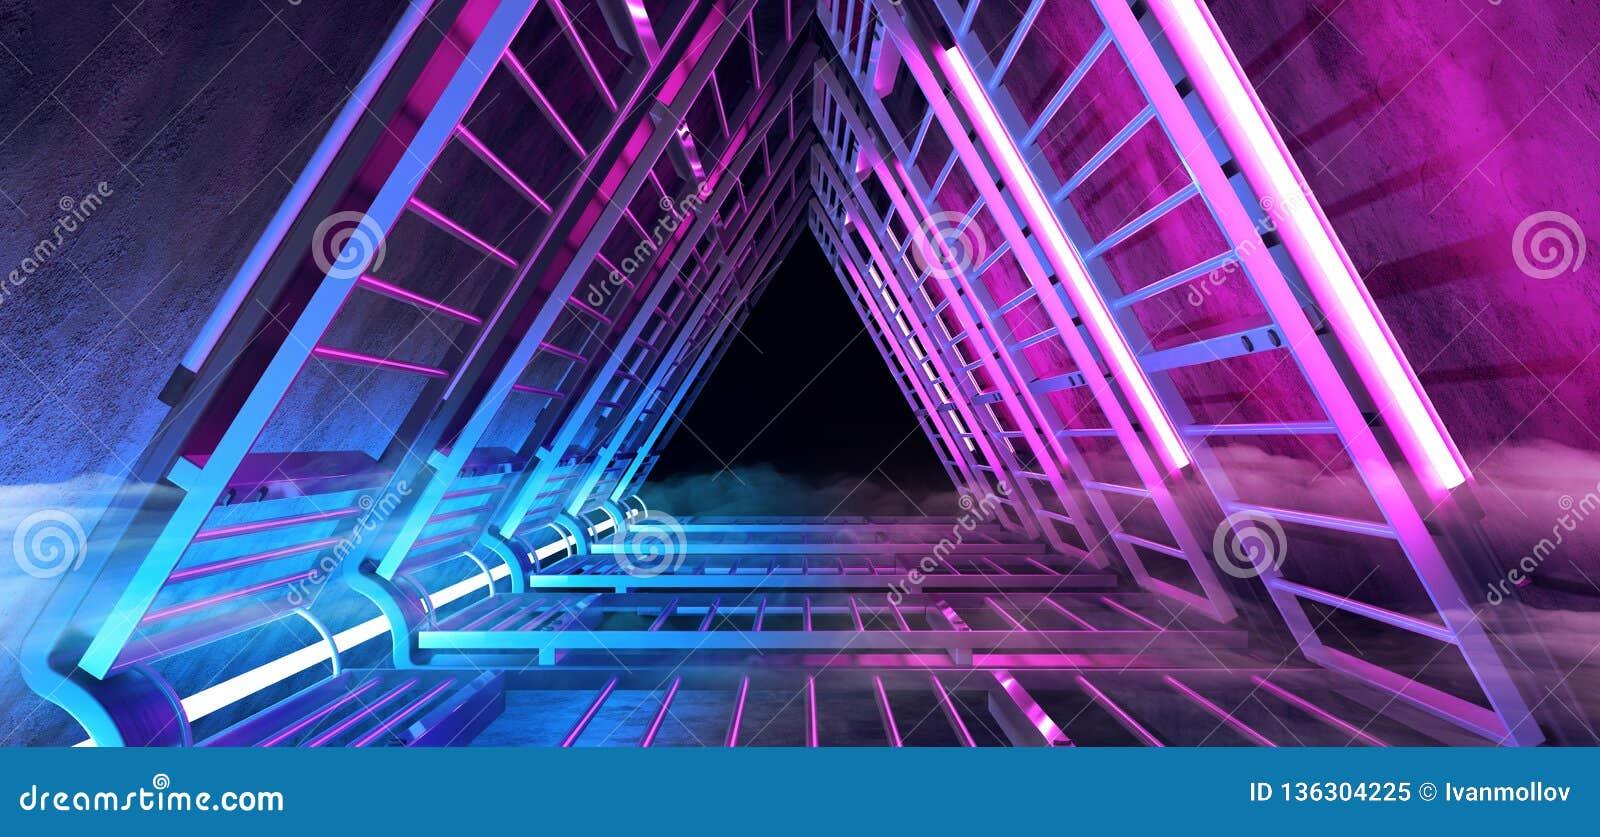 Neon för Sci Fi korridor för tunnel för futuristiskt rökdimma glödande purpurfärgad blå triangel formad med det vibrerande metall